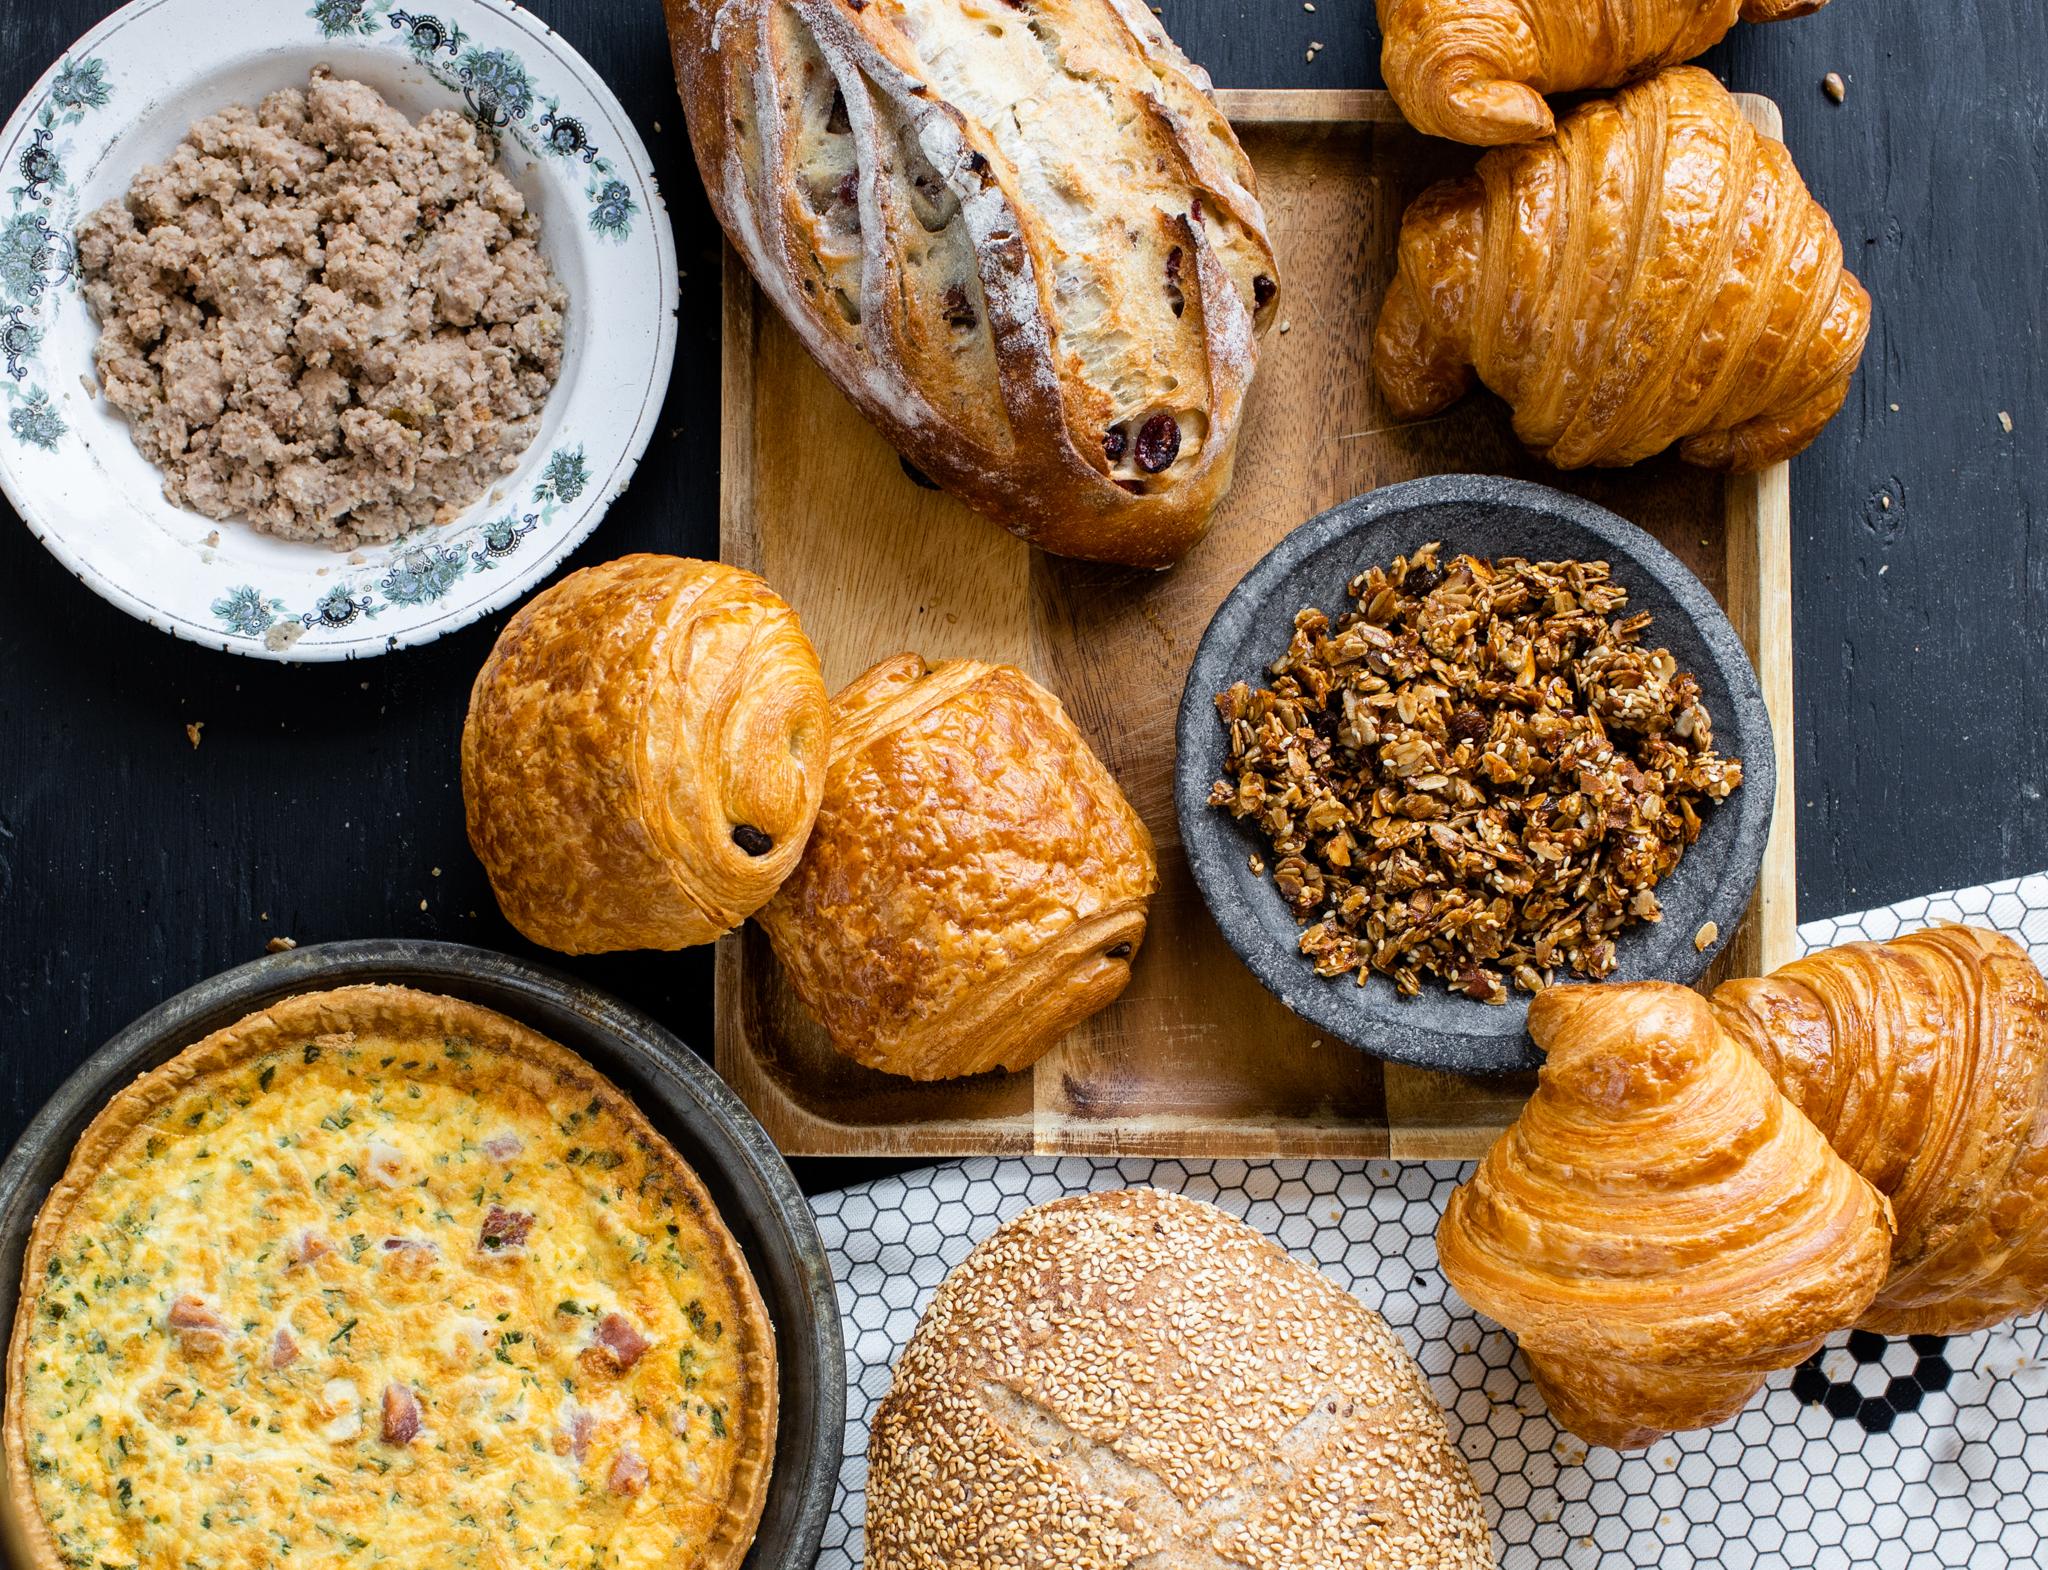 boîte brunch, arhoma boulangerie, boîte thématique, boîte abonnement, livraison à domicile, commande en ligne, viennoiseries, croissant, chocolatine, quiche, pains maison